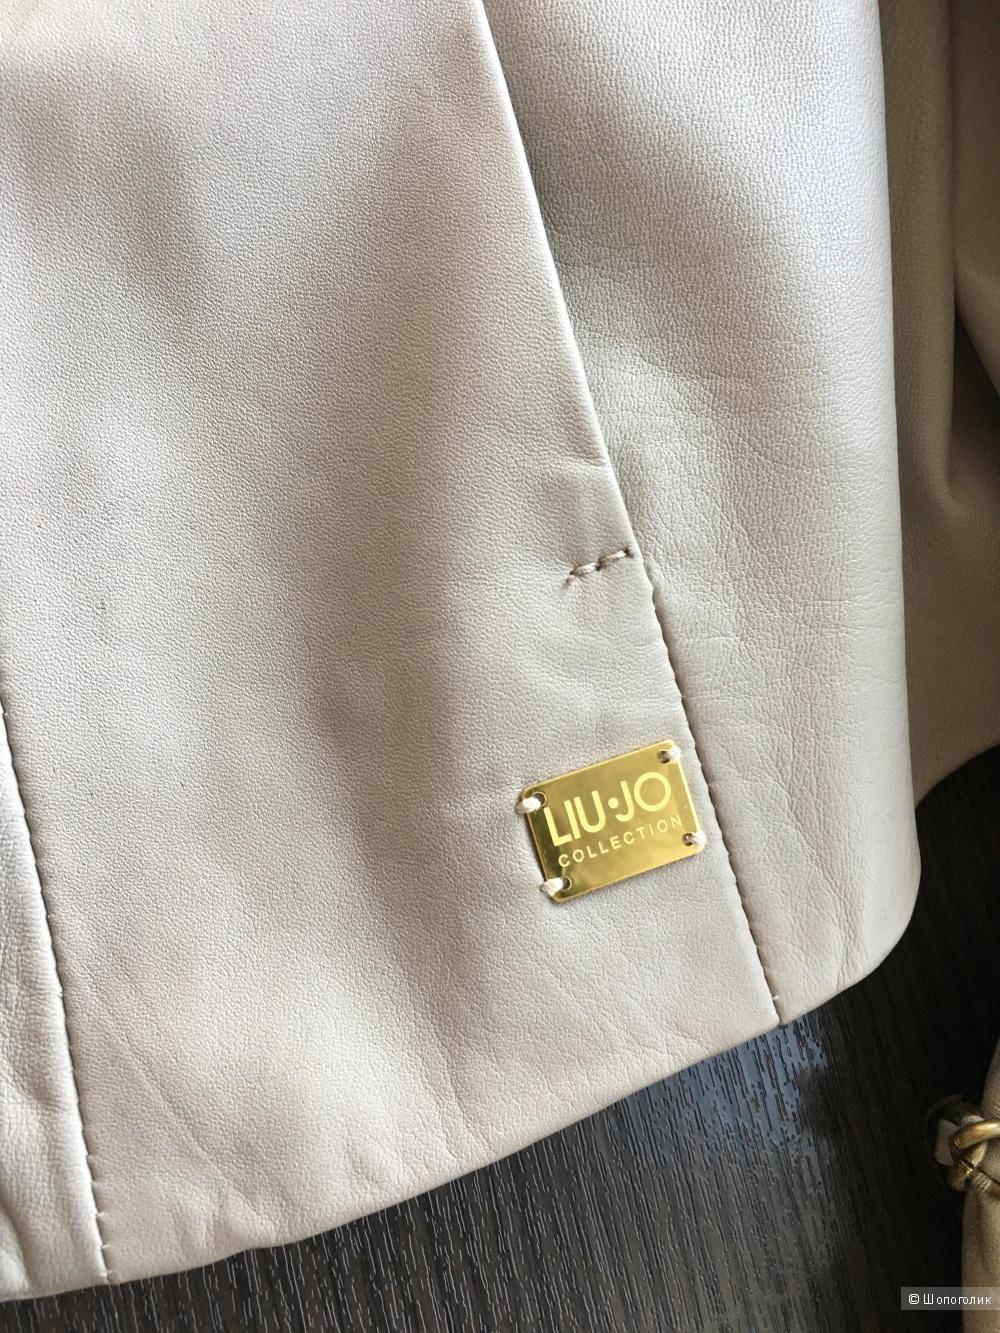 Кожаный пиджак Liu Jo c Yoox